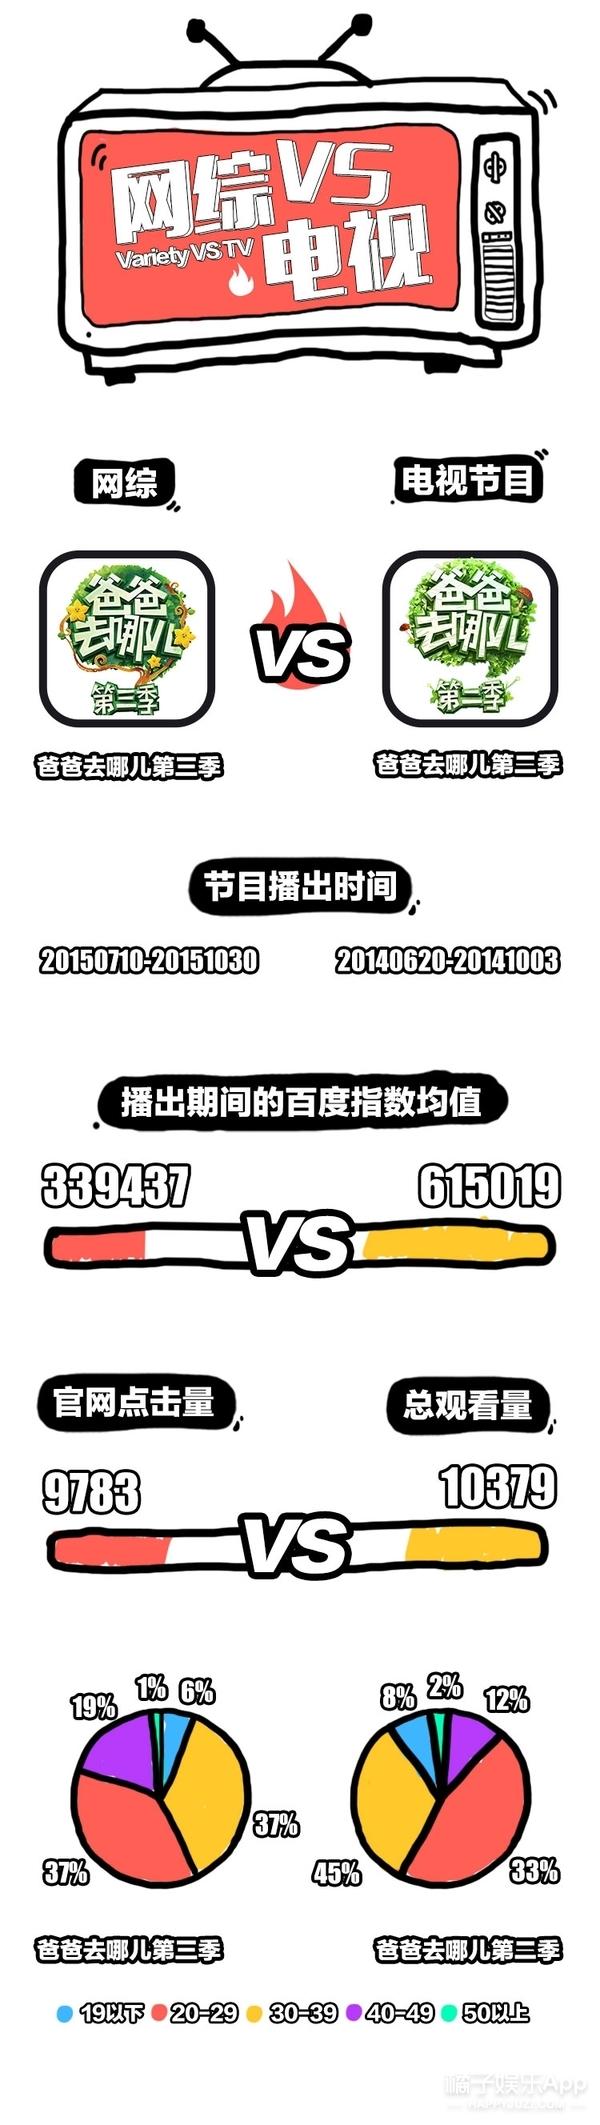 鹿晗、张艺兴、吴亦凡、黄子韬,谁才是拯救综艺的小王子?